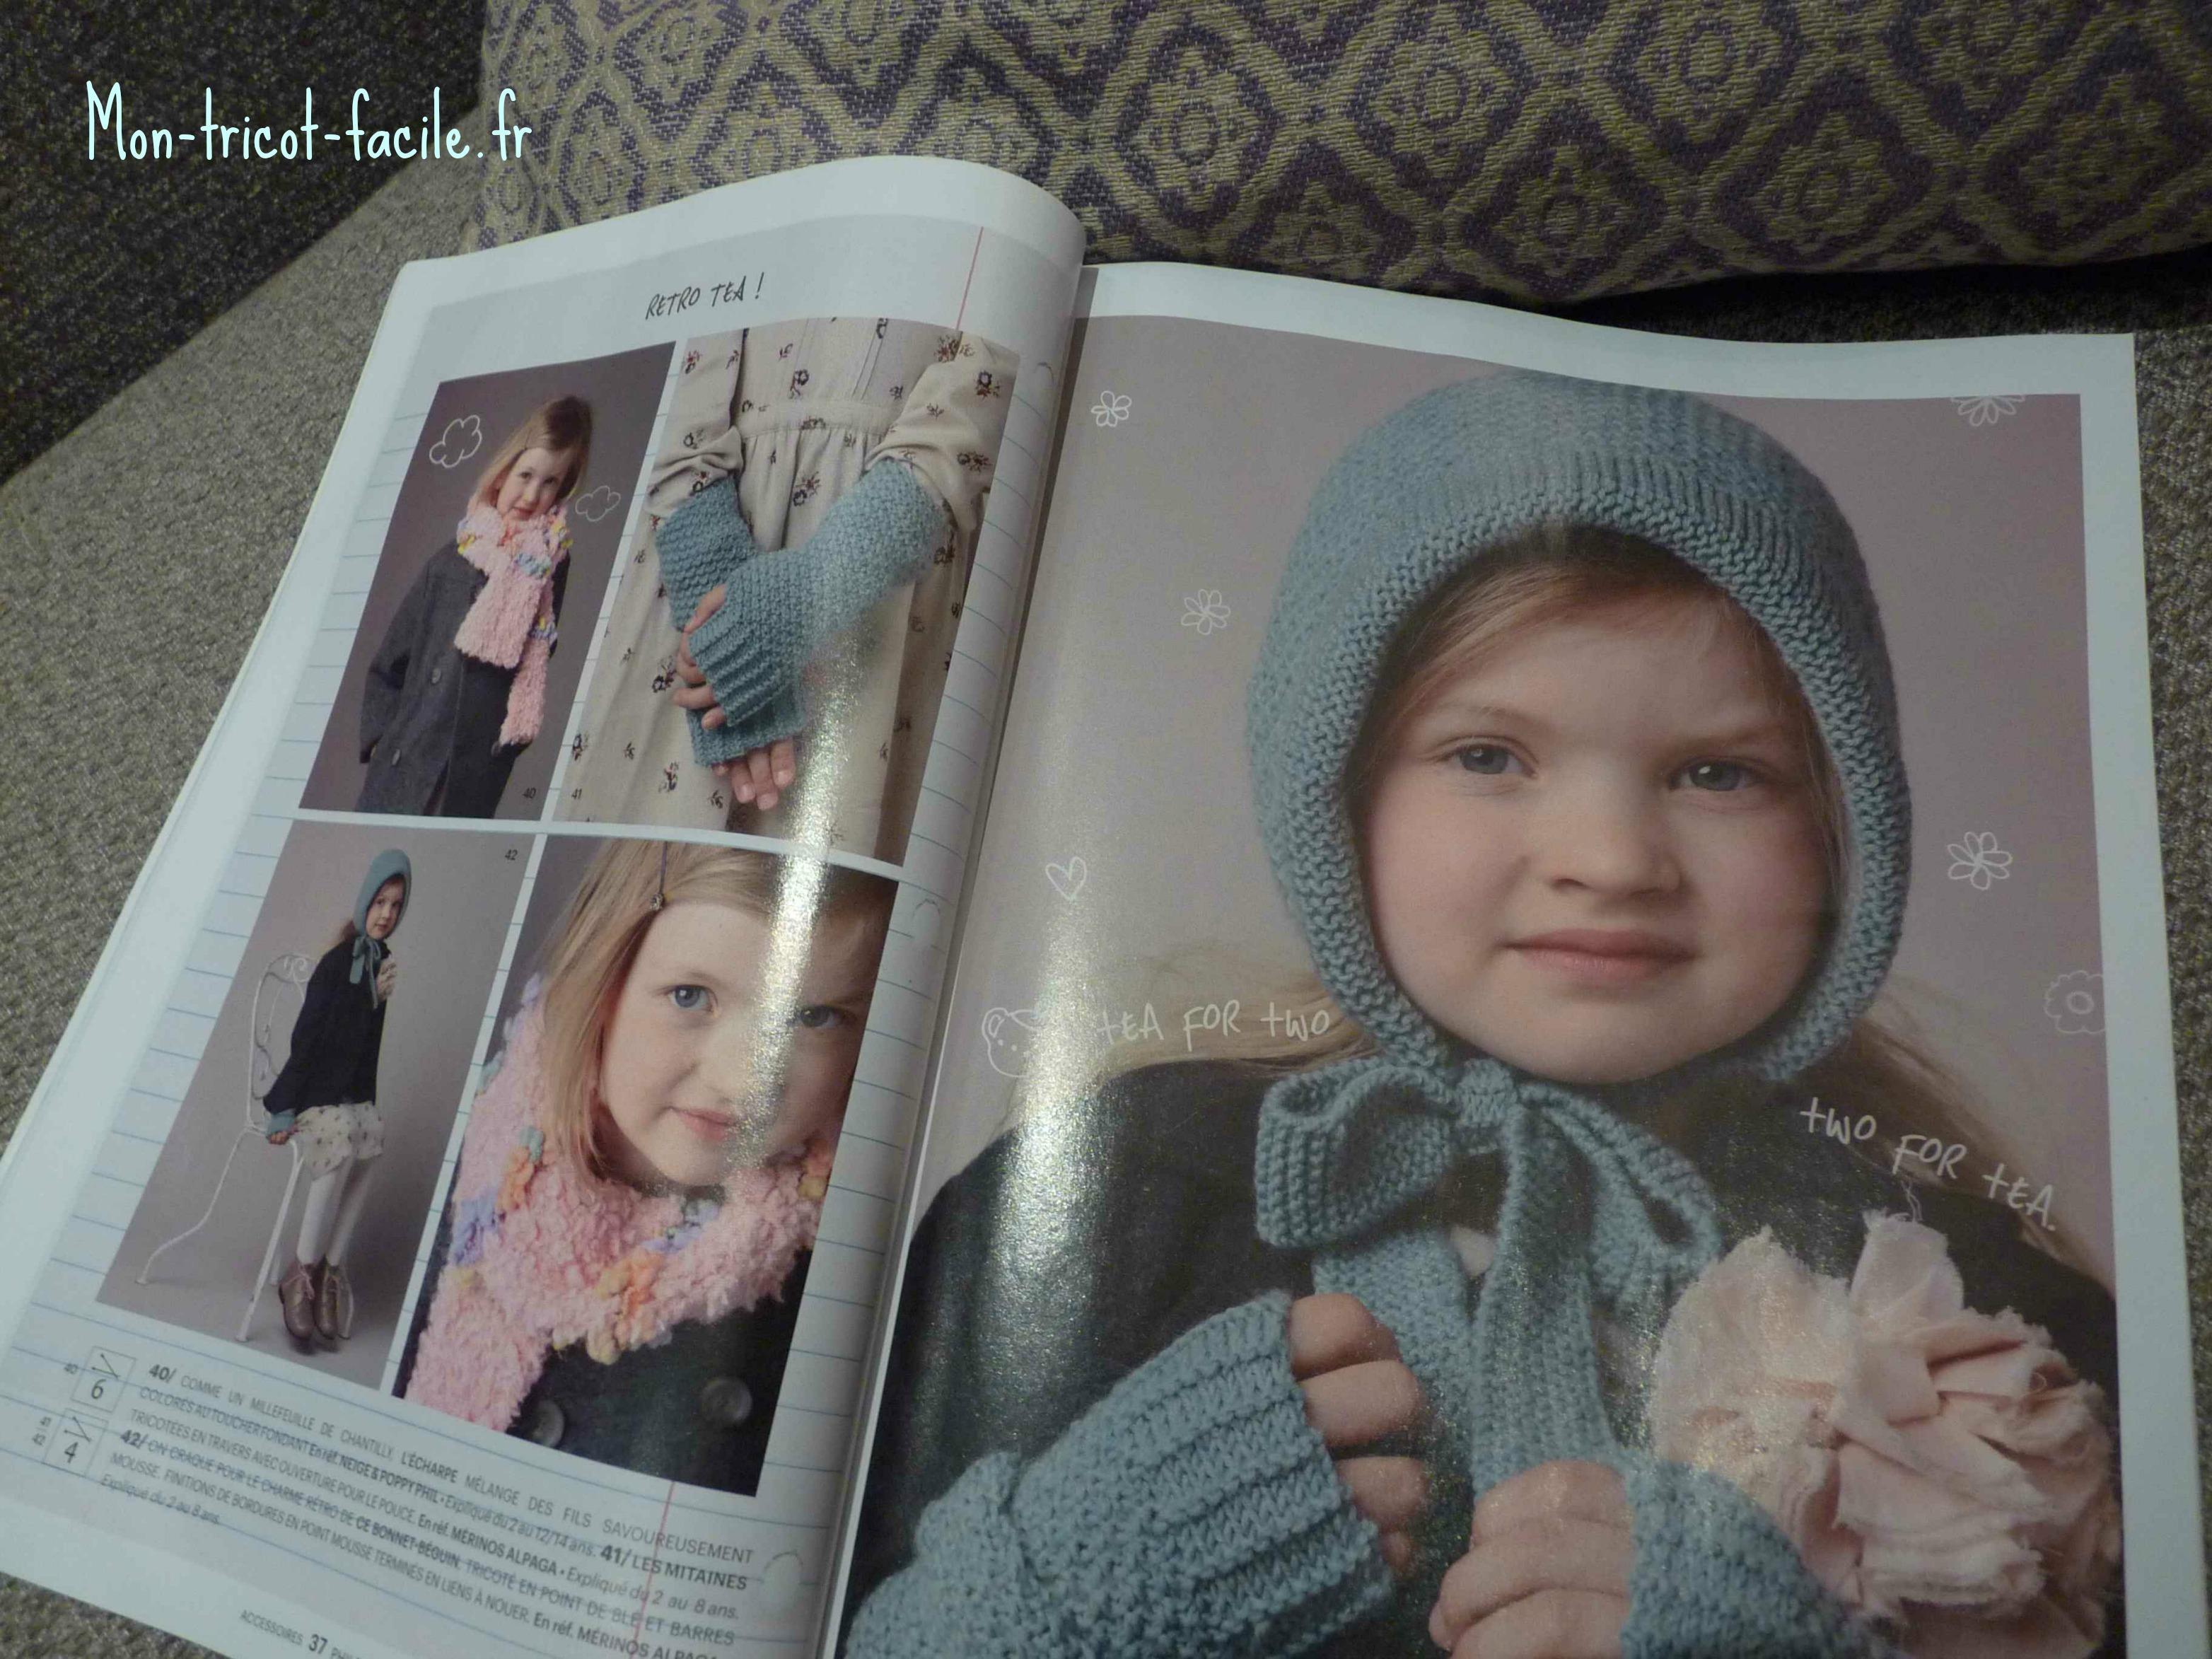 Modele tricot facile o trouver des mod les de tricot facile - Modele mitaine tricot facile ...